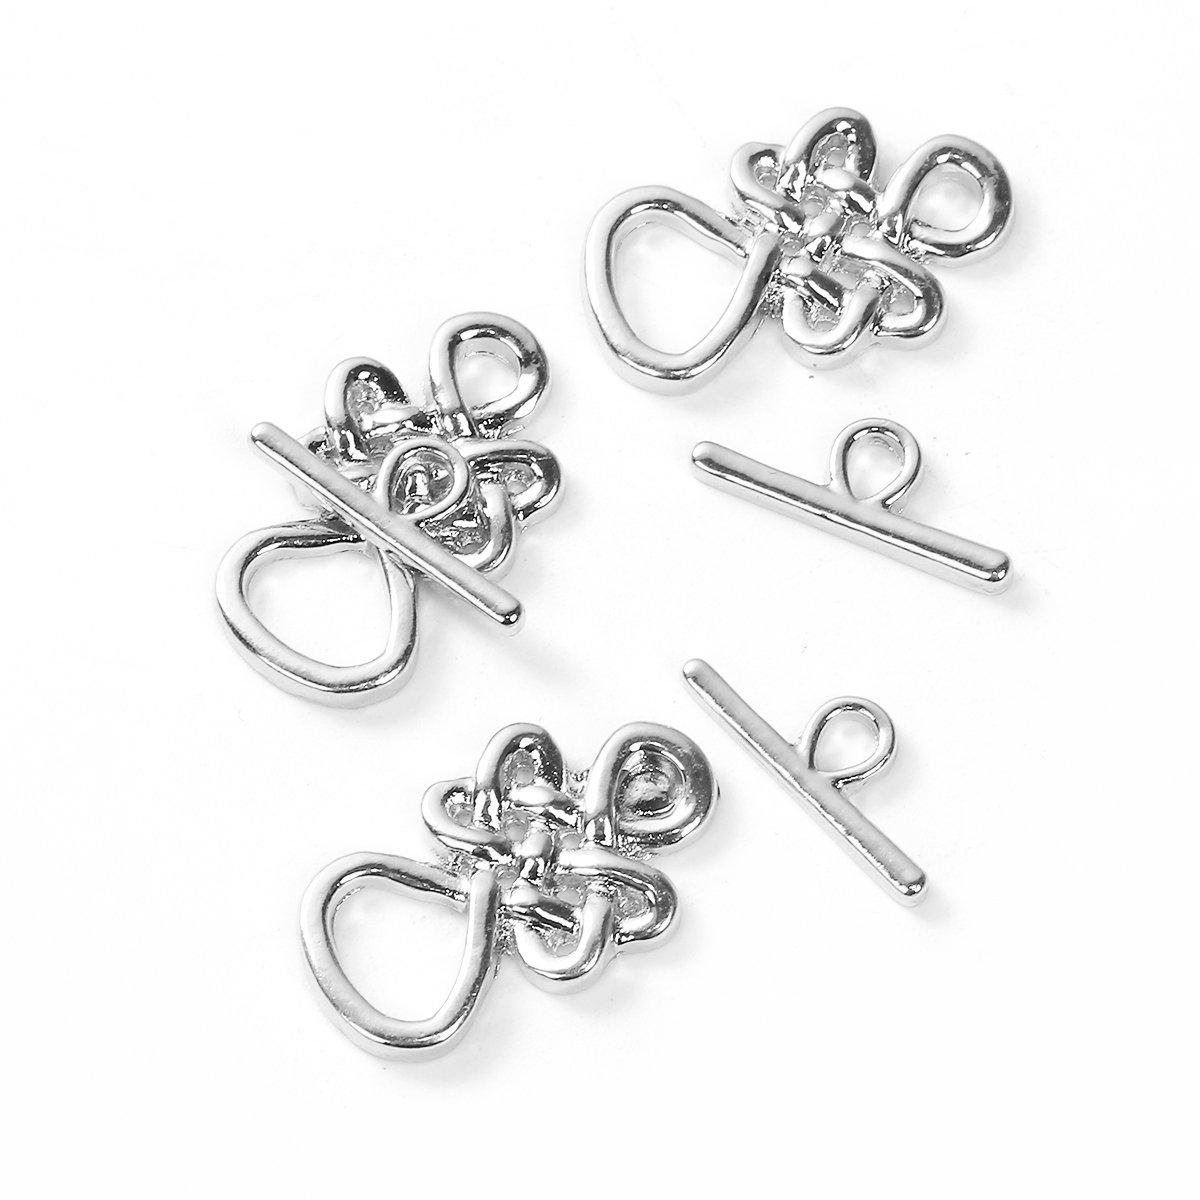 Amazon Com 6 Sets Celtic Infinity Knot Bracelet Toggle Clasps